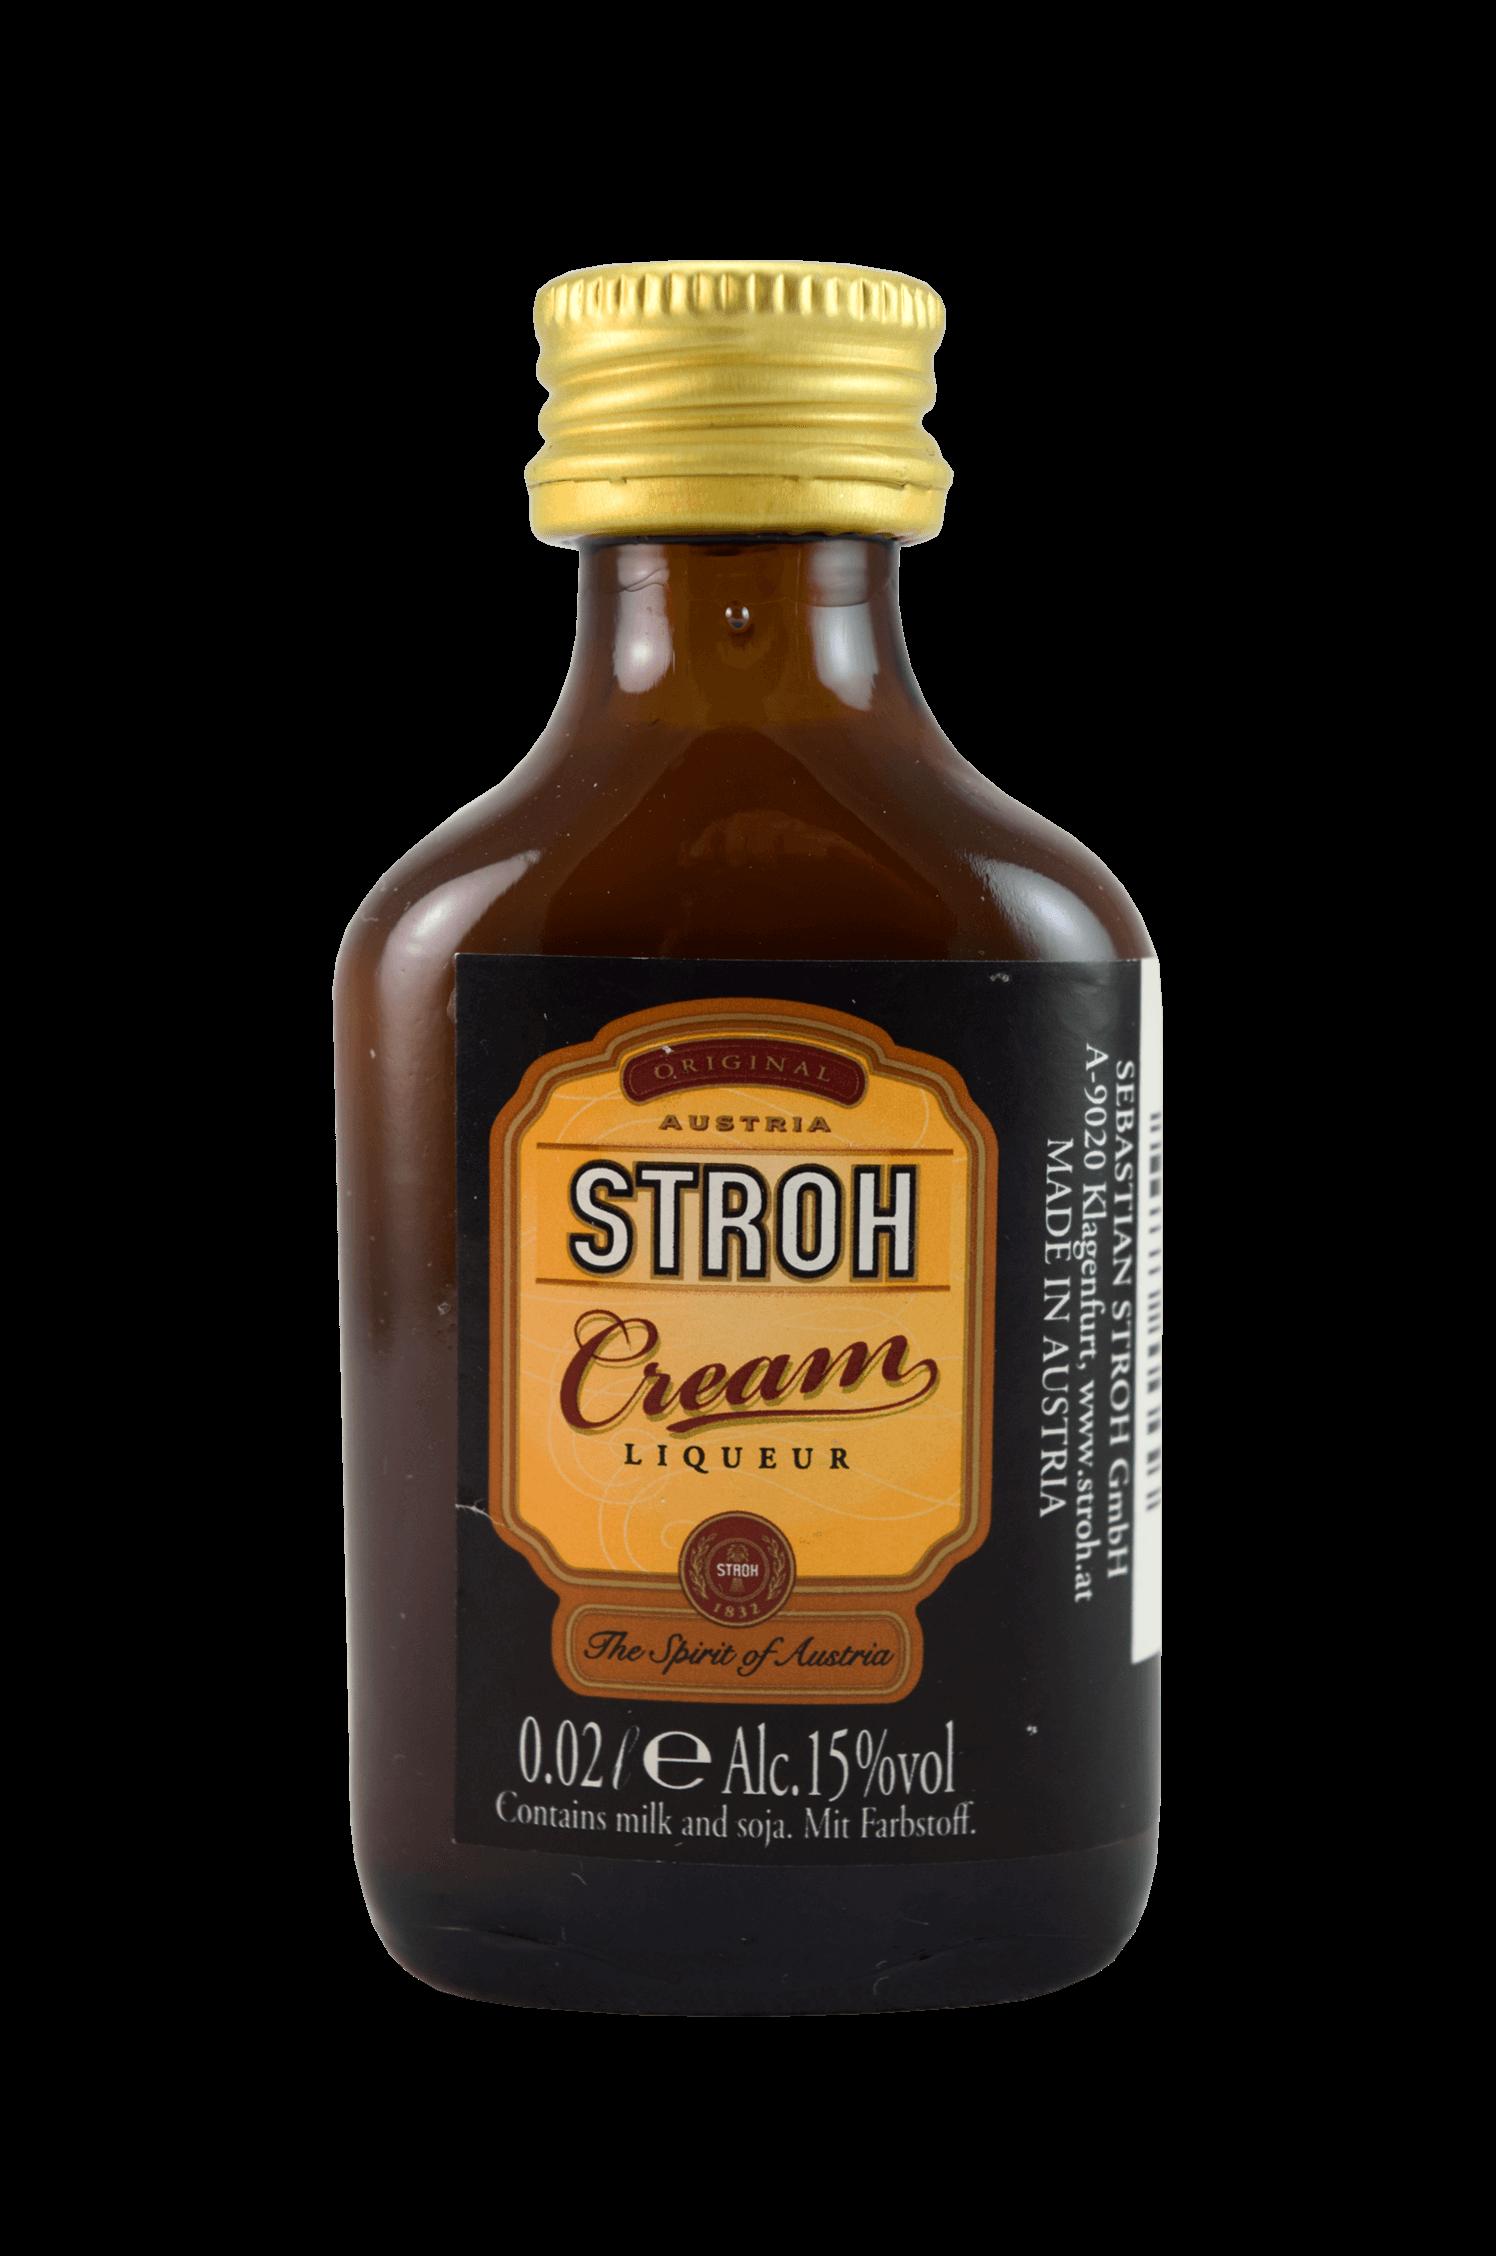 Stroh Cream Liqueur